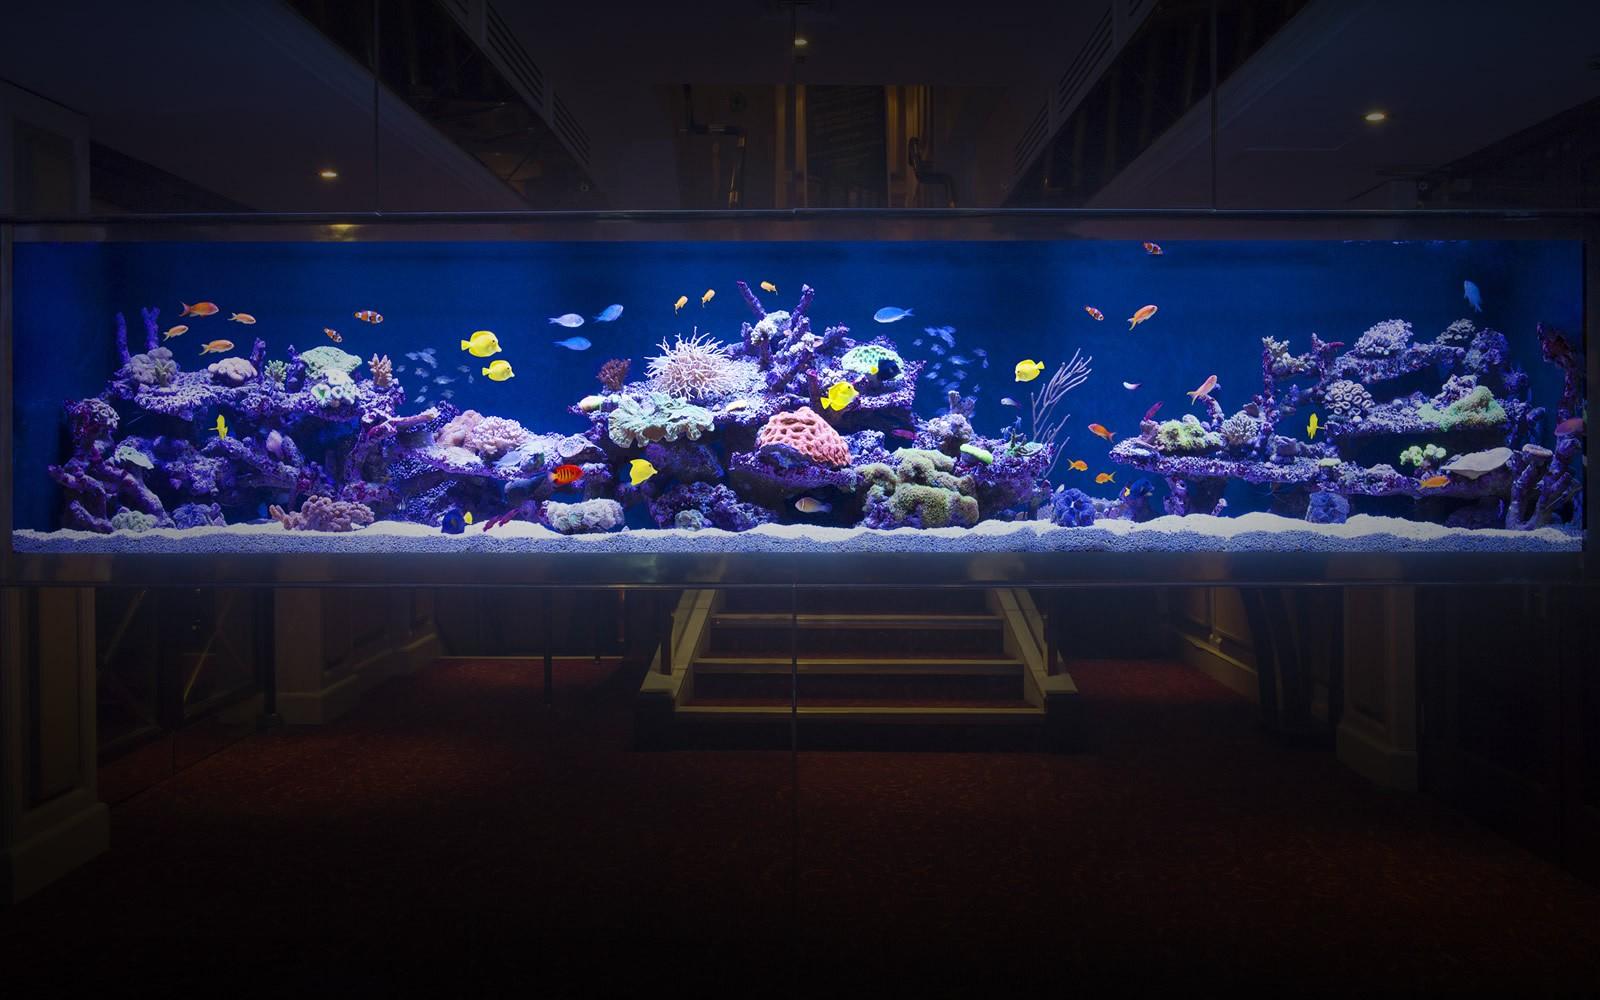 Luxurious custom made aquarium aquarium architecture for Outdoor aquarium uk